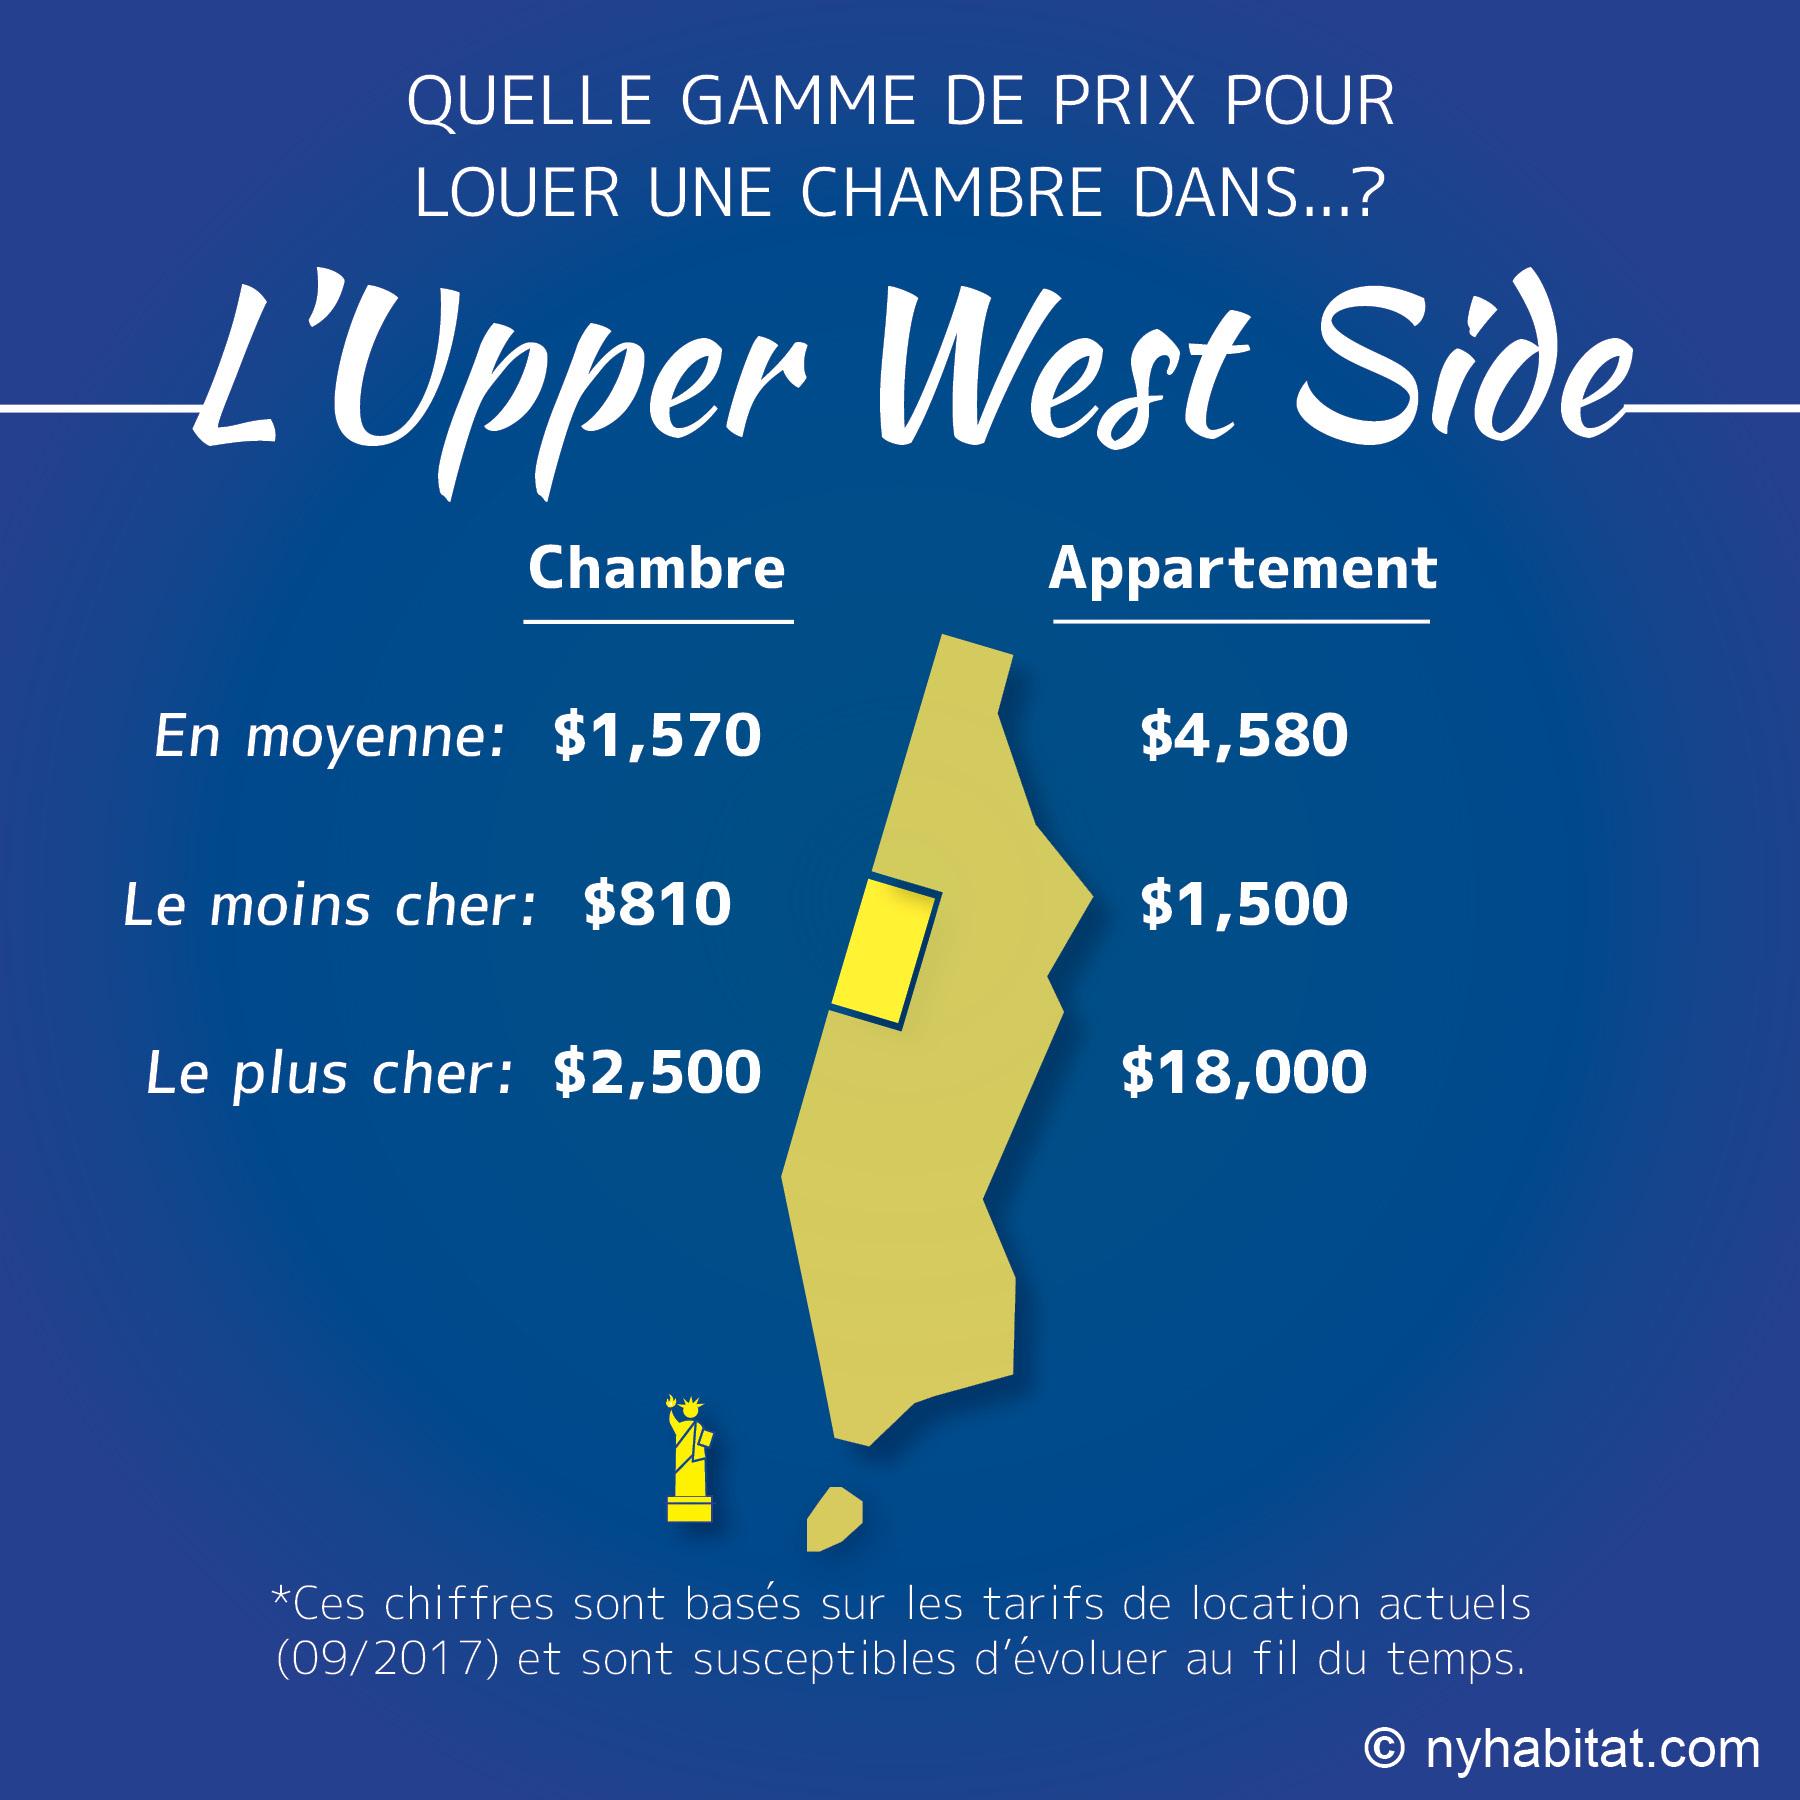 Infographie comparative des loyers de chambres et d'appartements dans l'Upper West Side